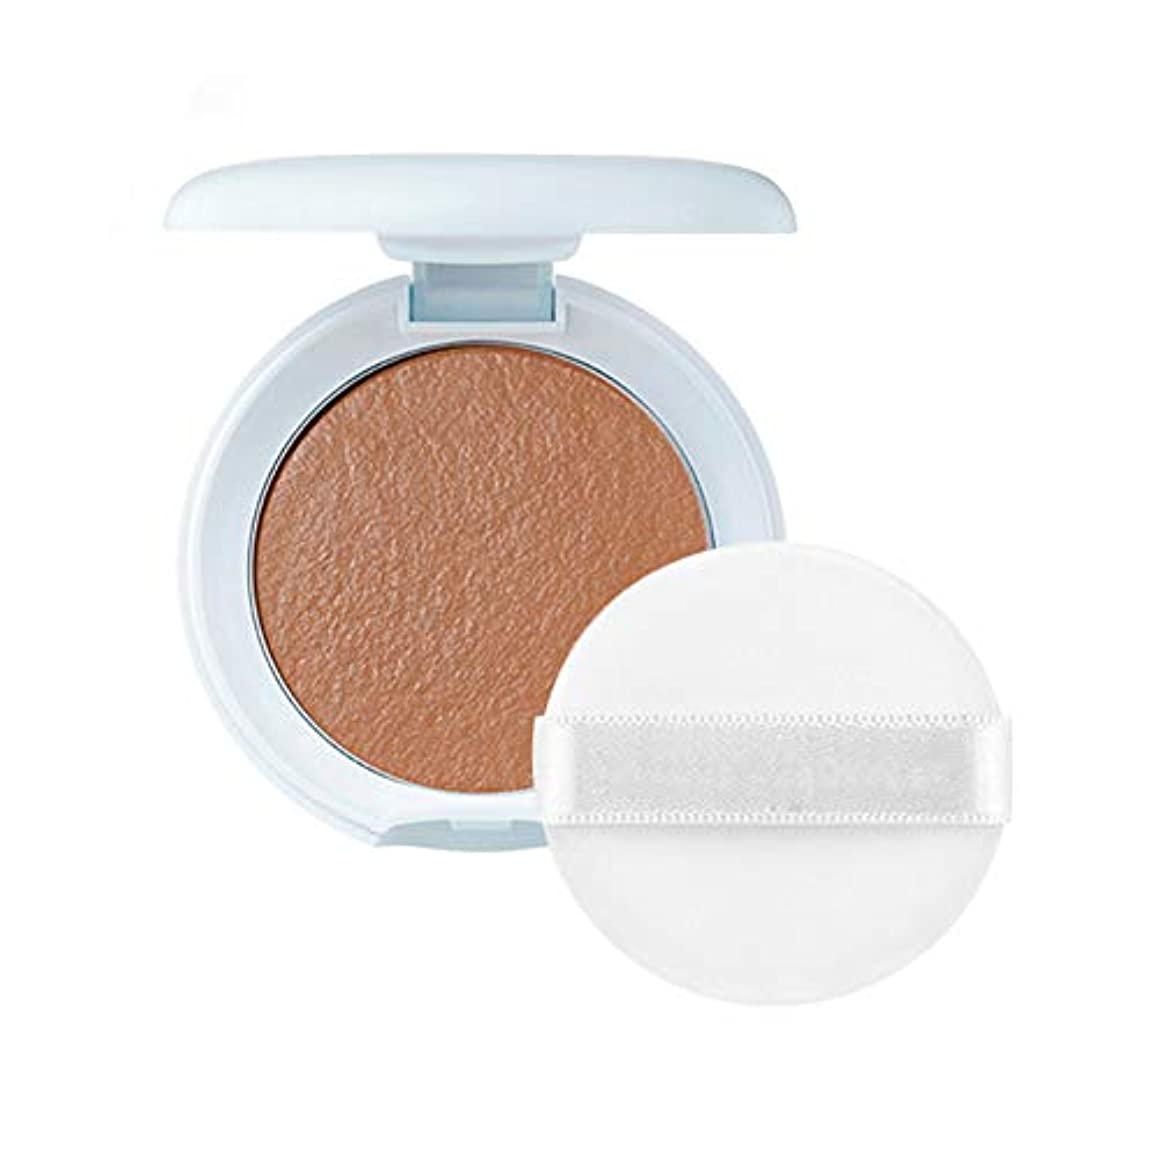 ミリメートルパーク予測子Cutelove パウダーファンデーション プレスパウダー キラキラ 柔らか 肌の色を明るくする 光沢のある 化粧ファンデーション プレスパウダーファンデーション